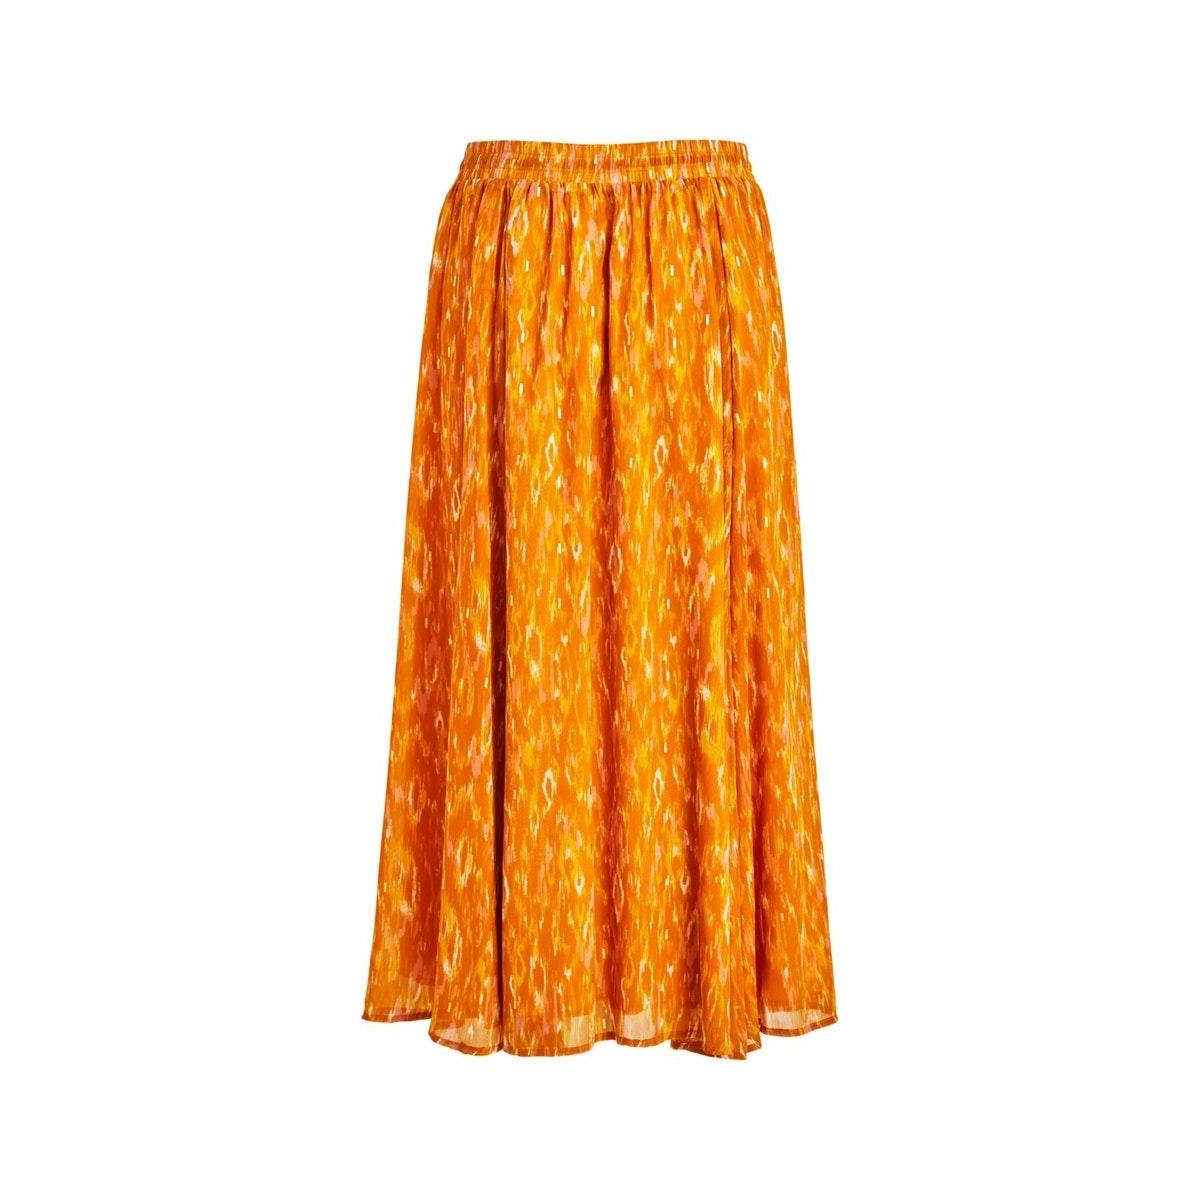 visavina lenoa ancle skirt c12 14060352 vila rok pumpkin spice/lenoa